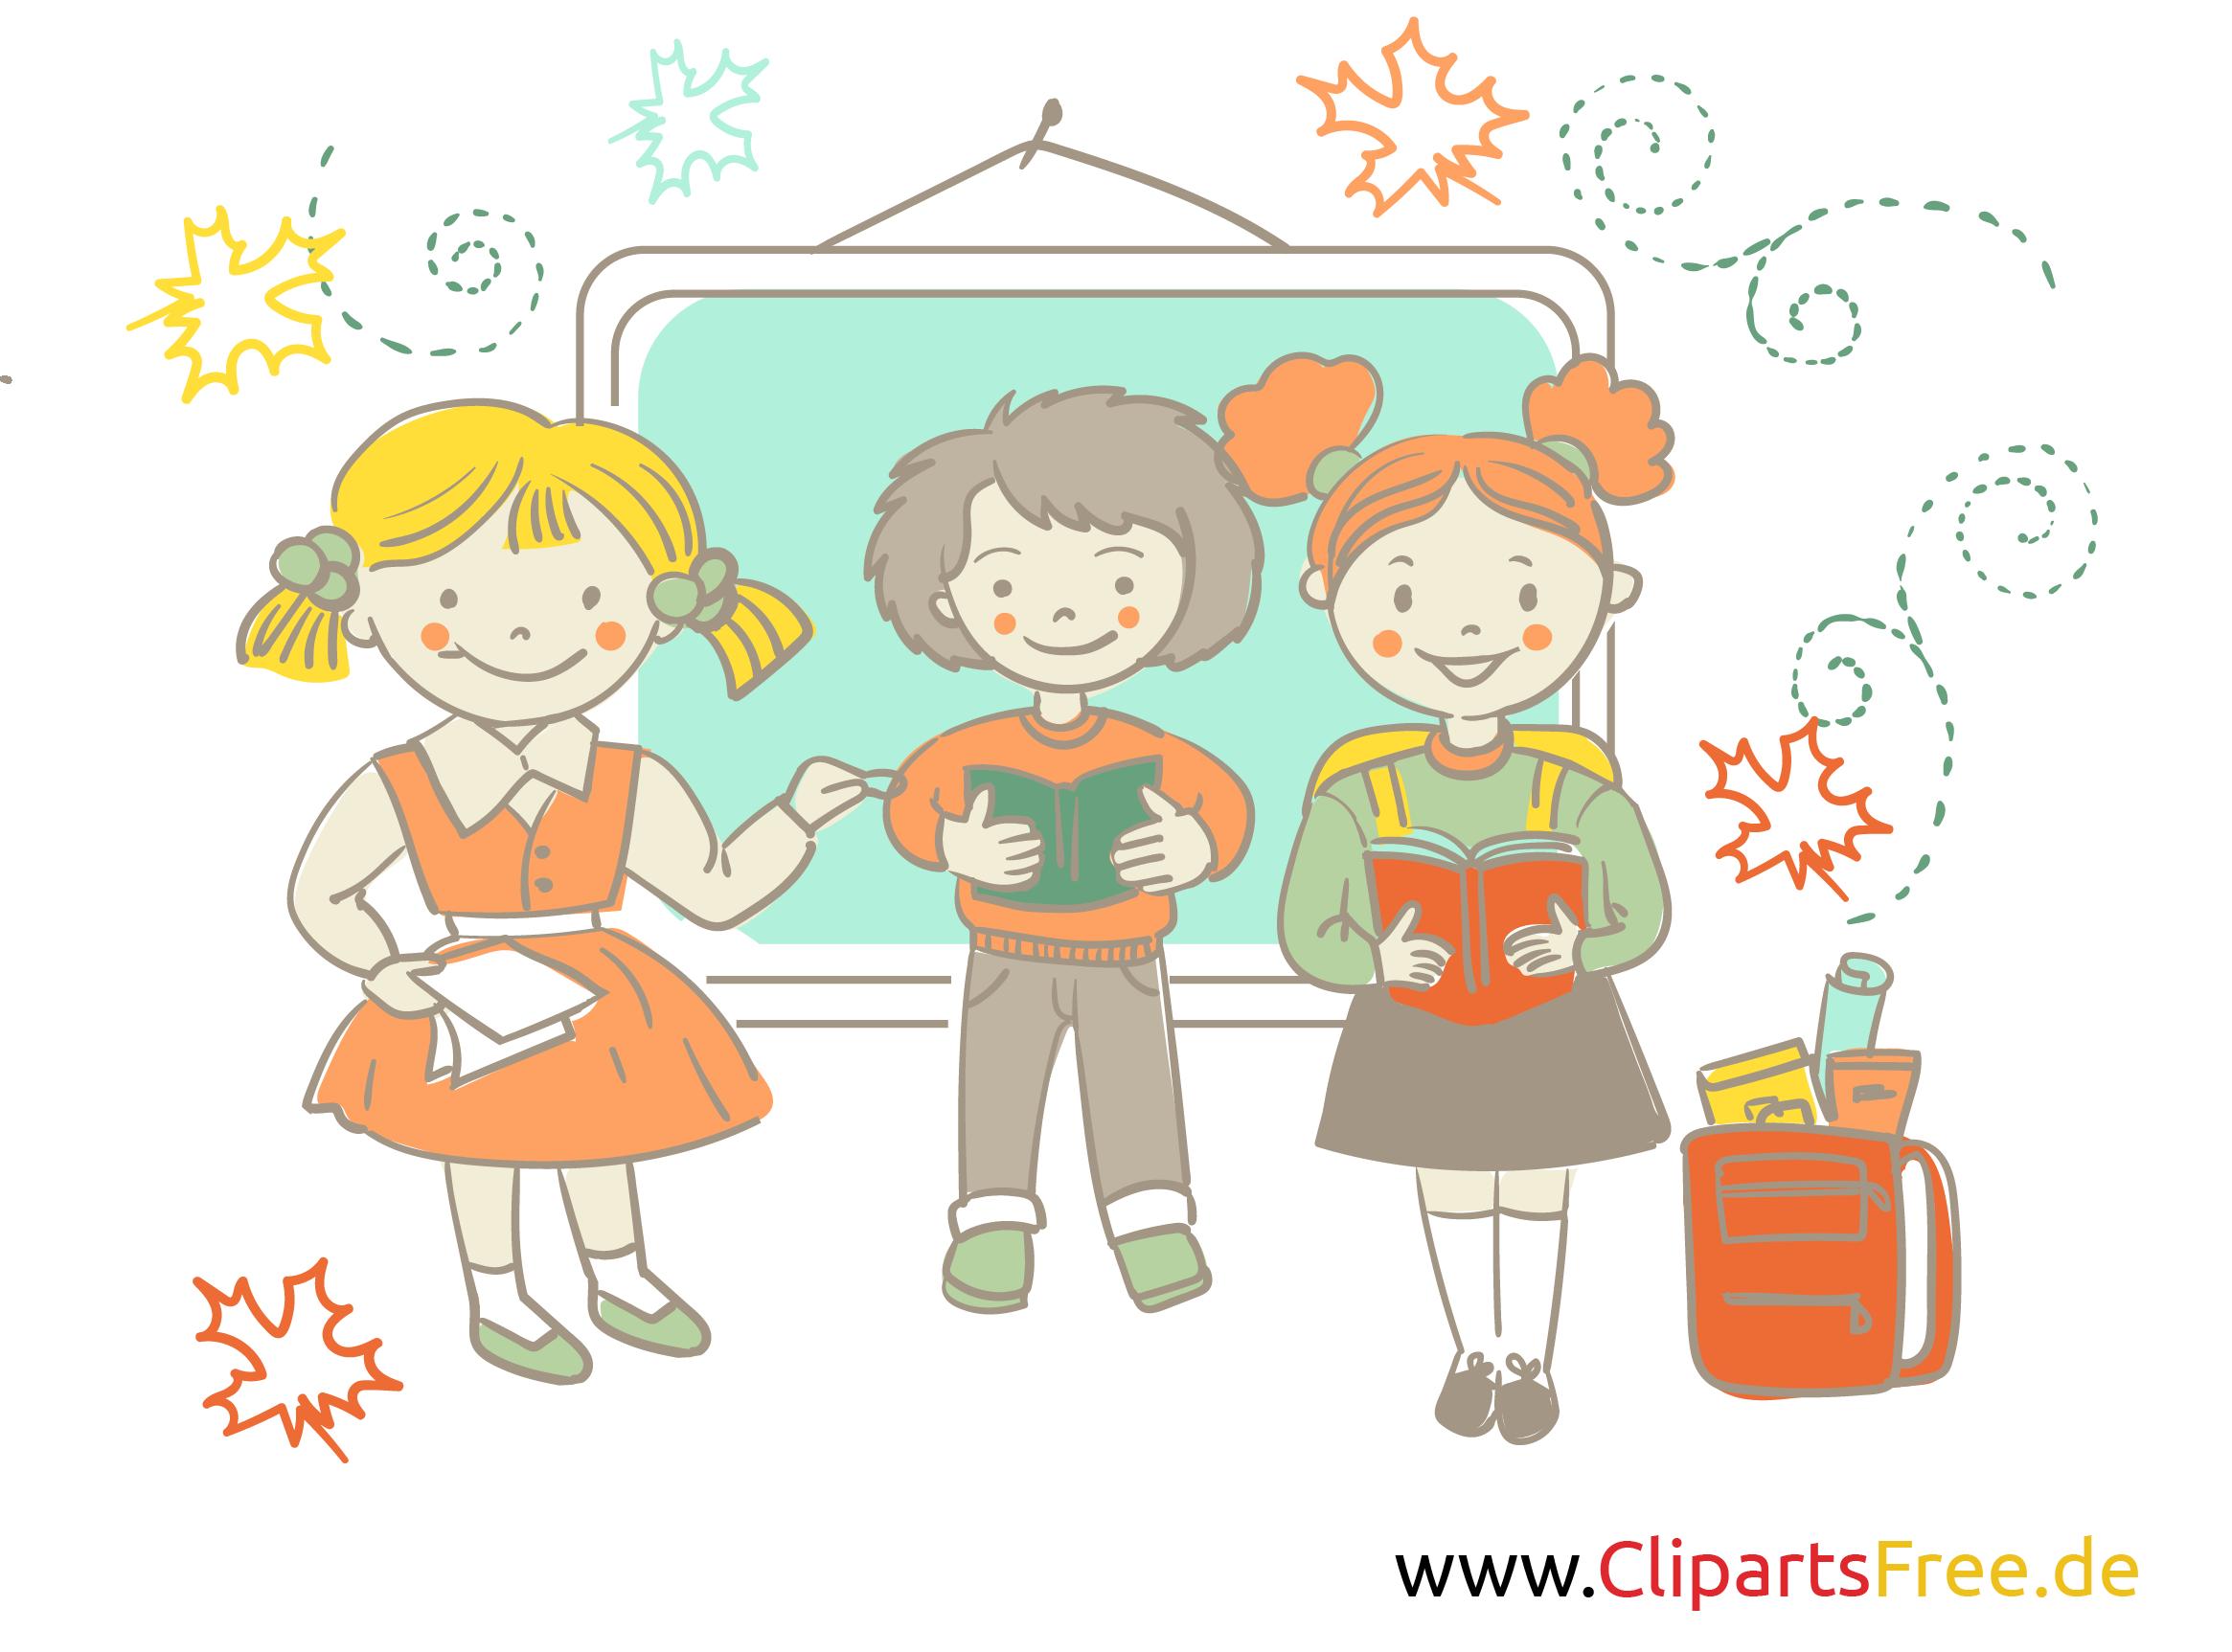 Bilder Grundschule kostenlos